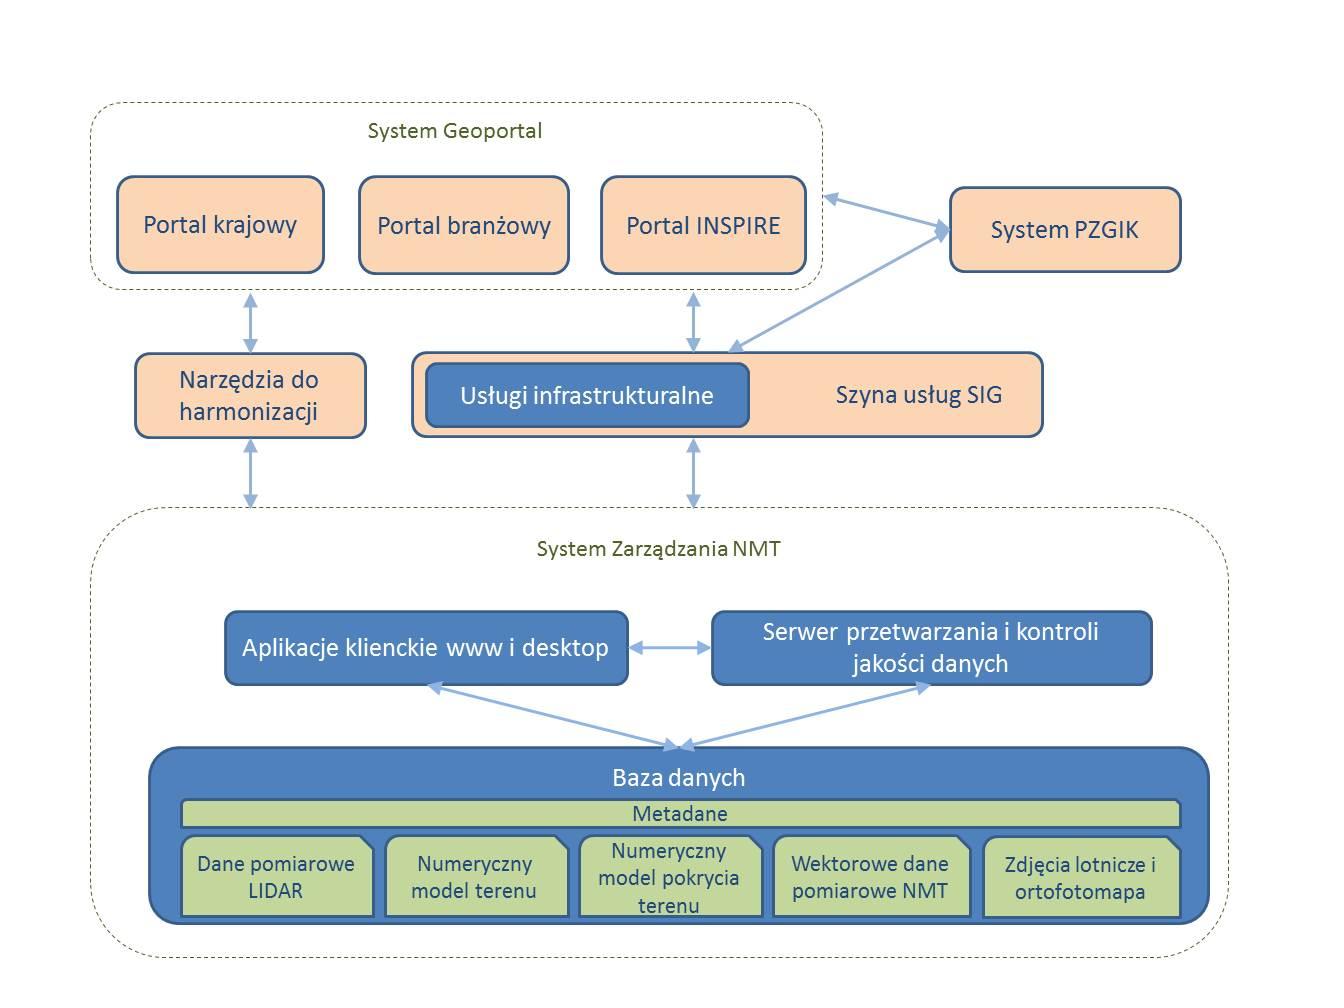 Kolorowy schemat prezentujący zasady przepływu danych w opisanym nad ilustracją systemie